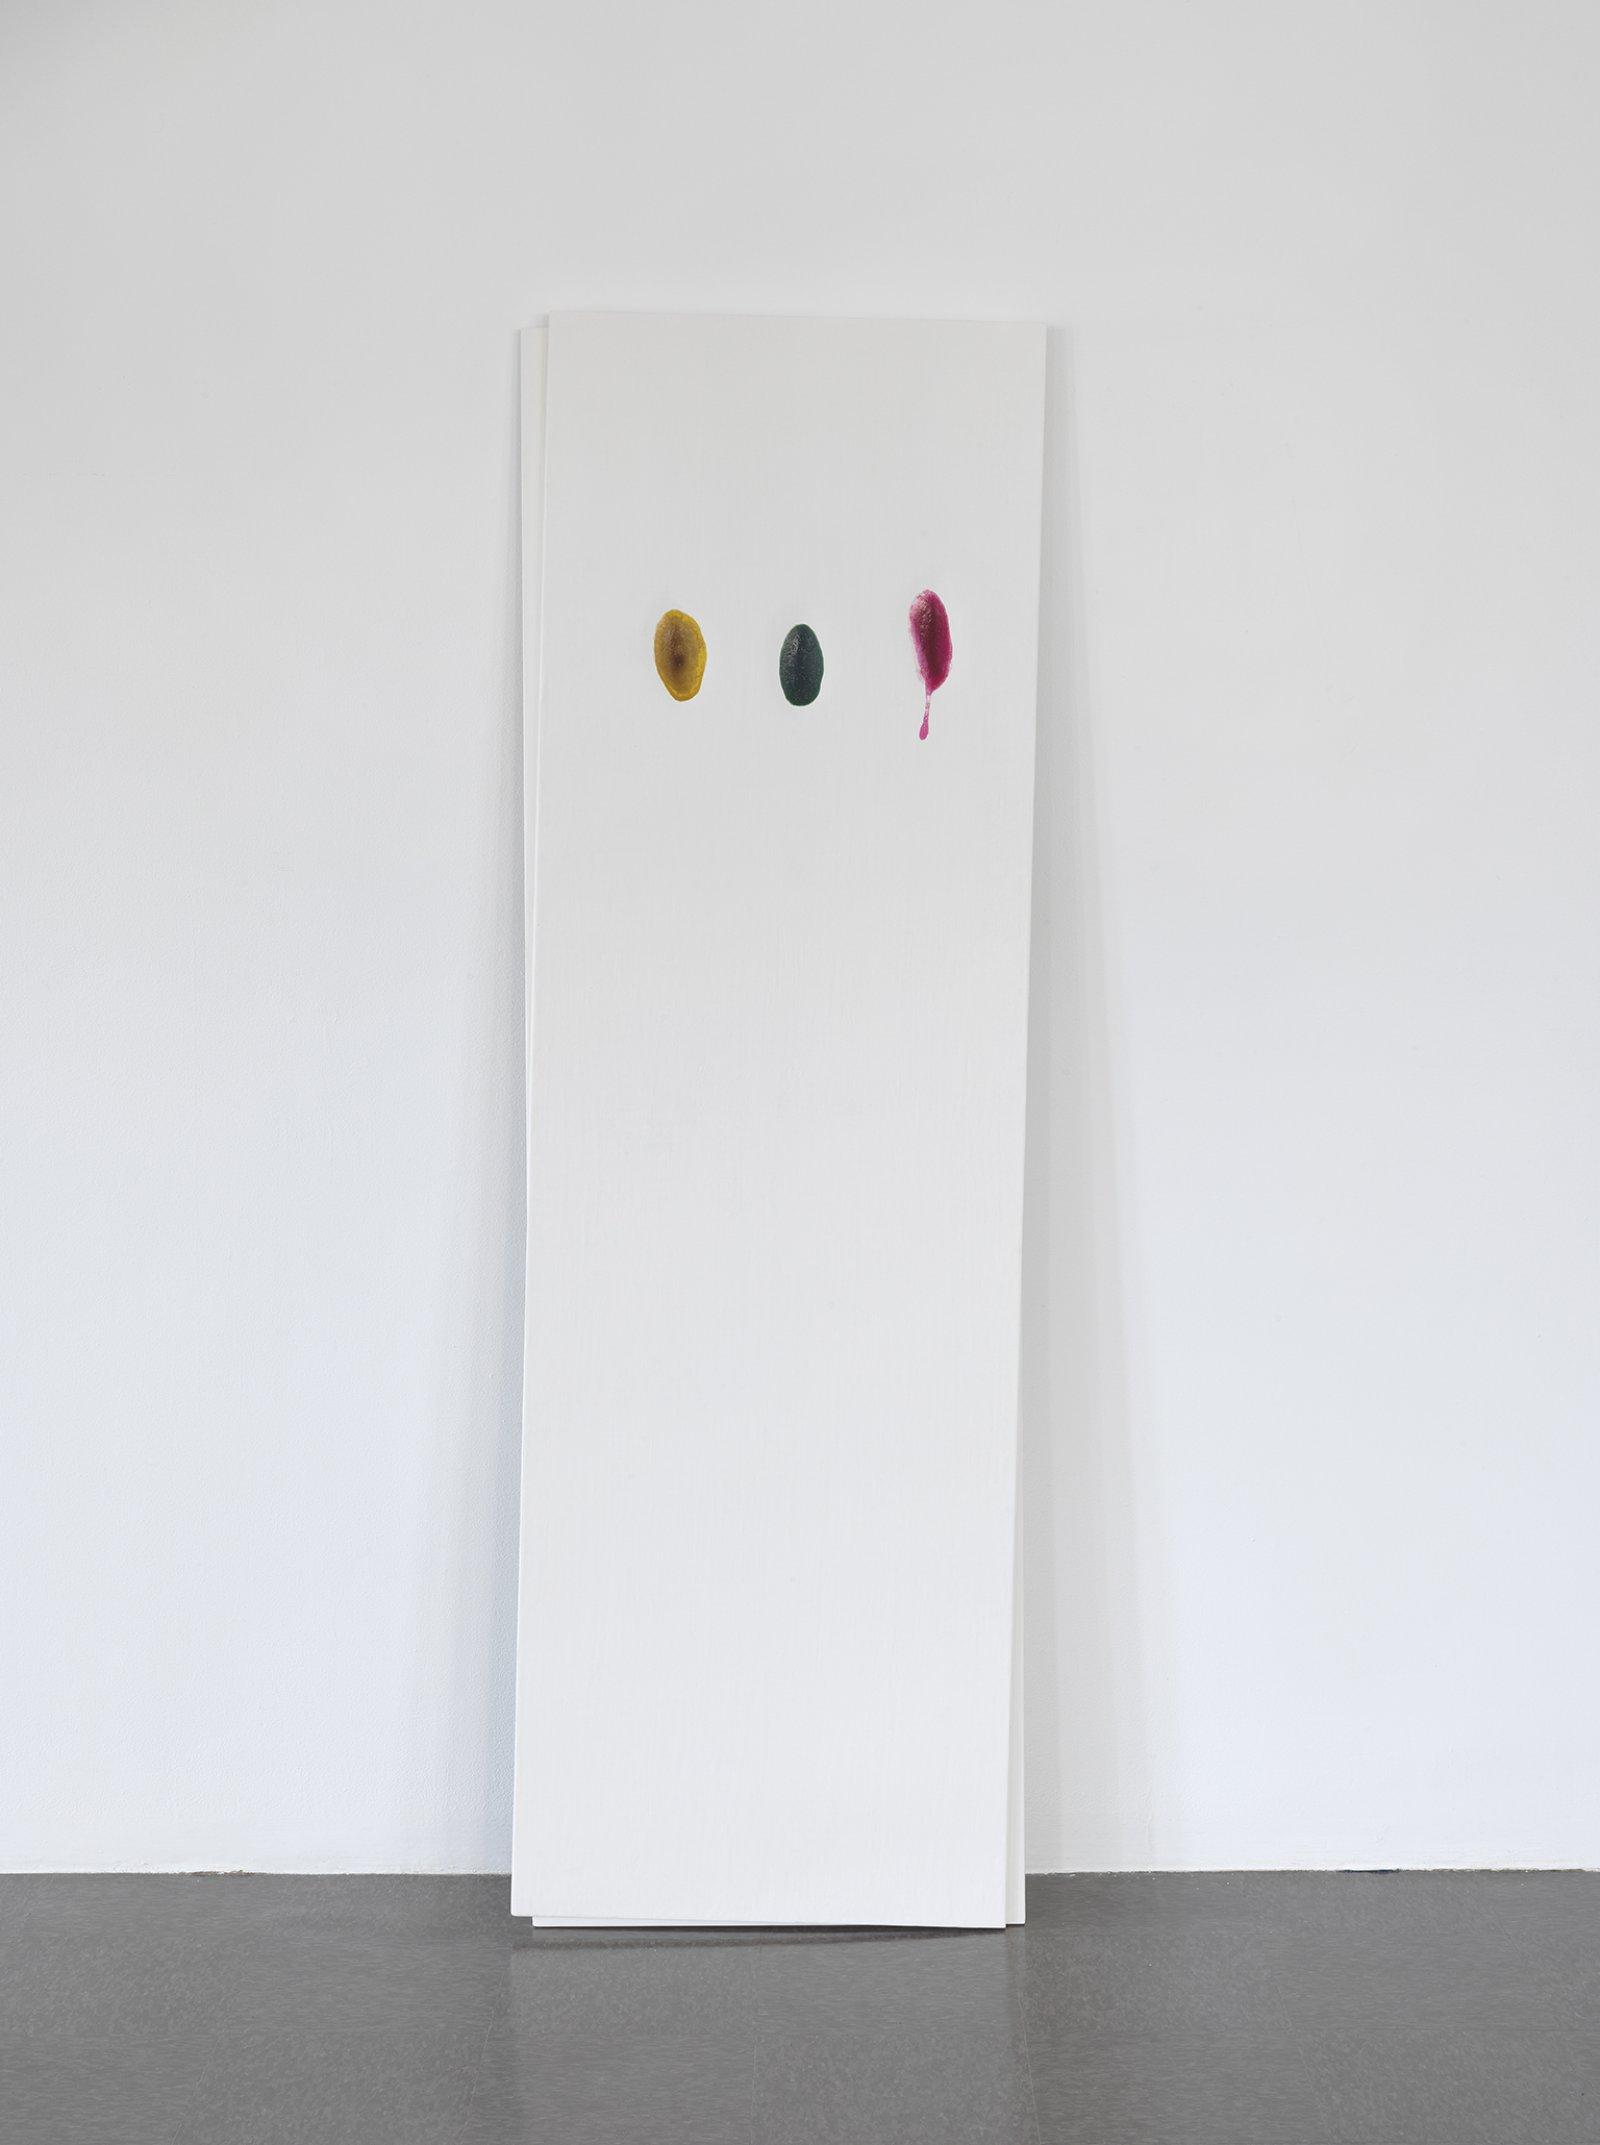 Christina Mackie, Chalk no. 1, 2014, birch, gesso, watercolour, 78 x 24 in. (198 x 62 cm) by Christina Mackie